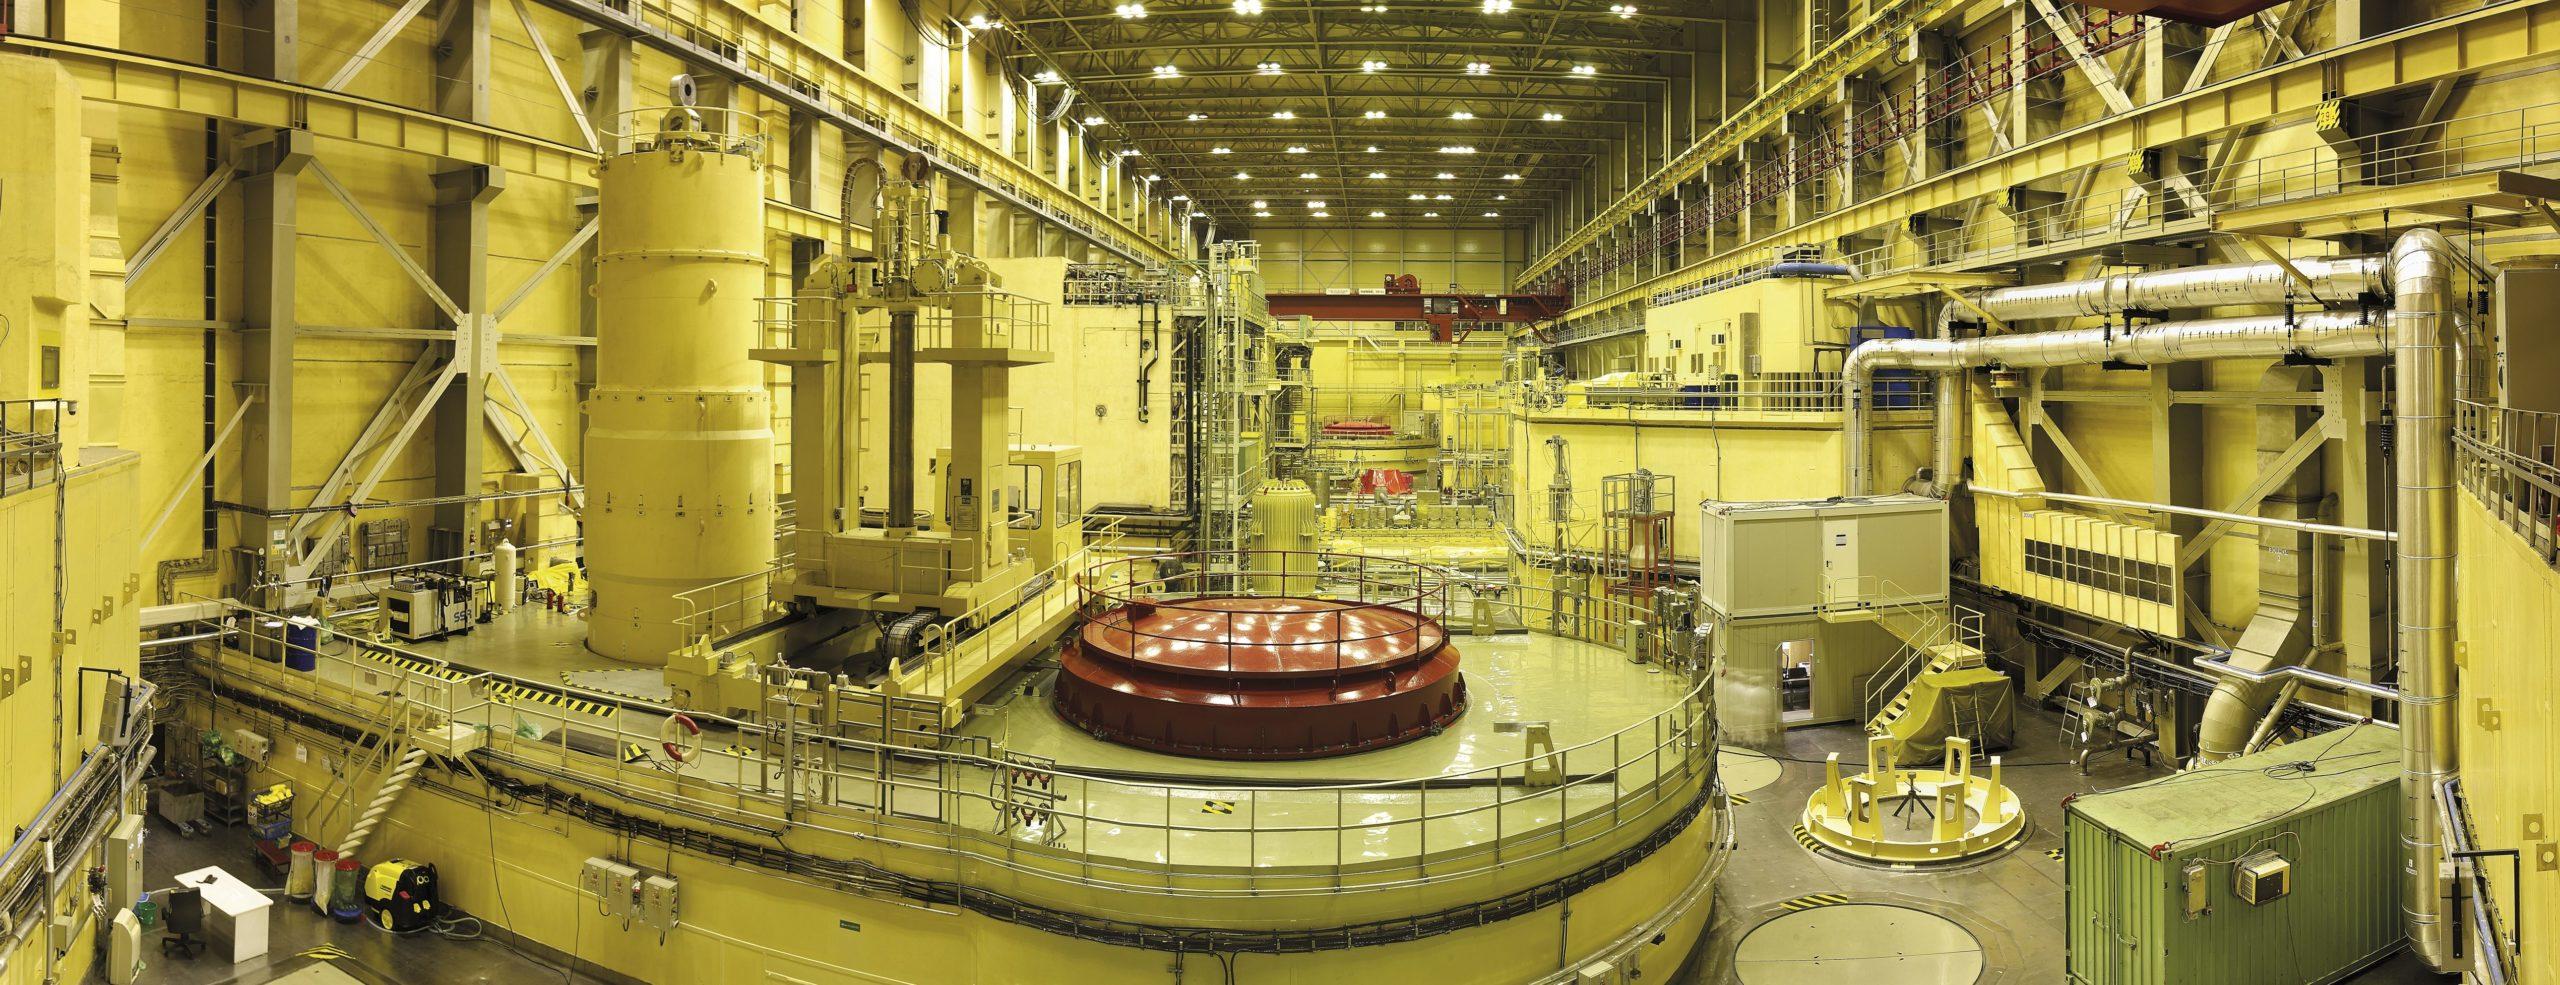 jaderná energie - JE Paks zavezla novou modifikaci ruského jaderného paliva - Palivový cyklus (Reaktorový sál jaderné elektrárny Paks scaled) 3